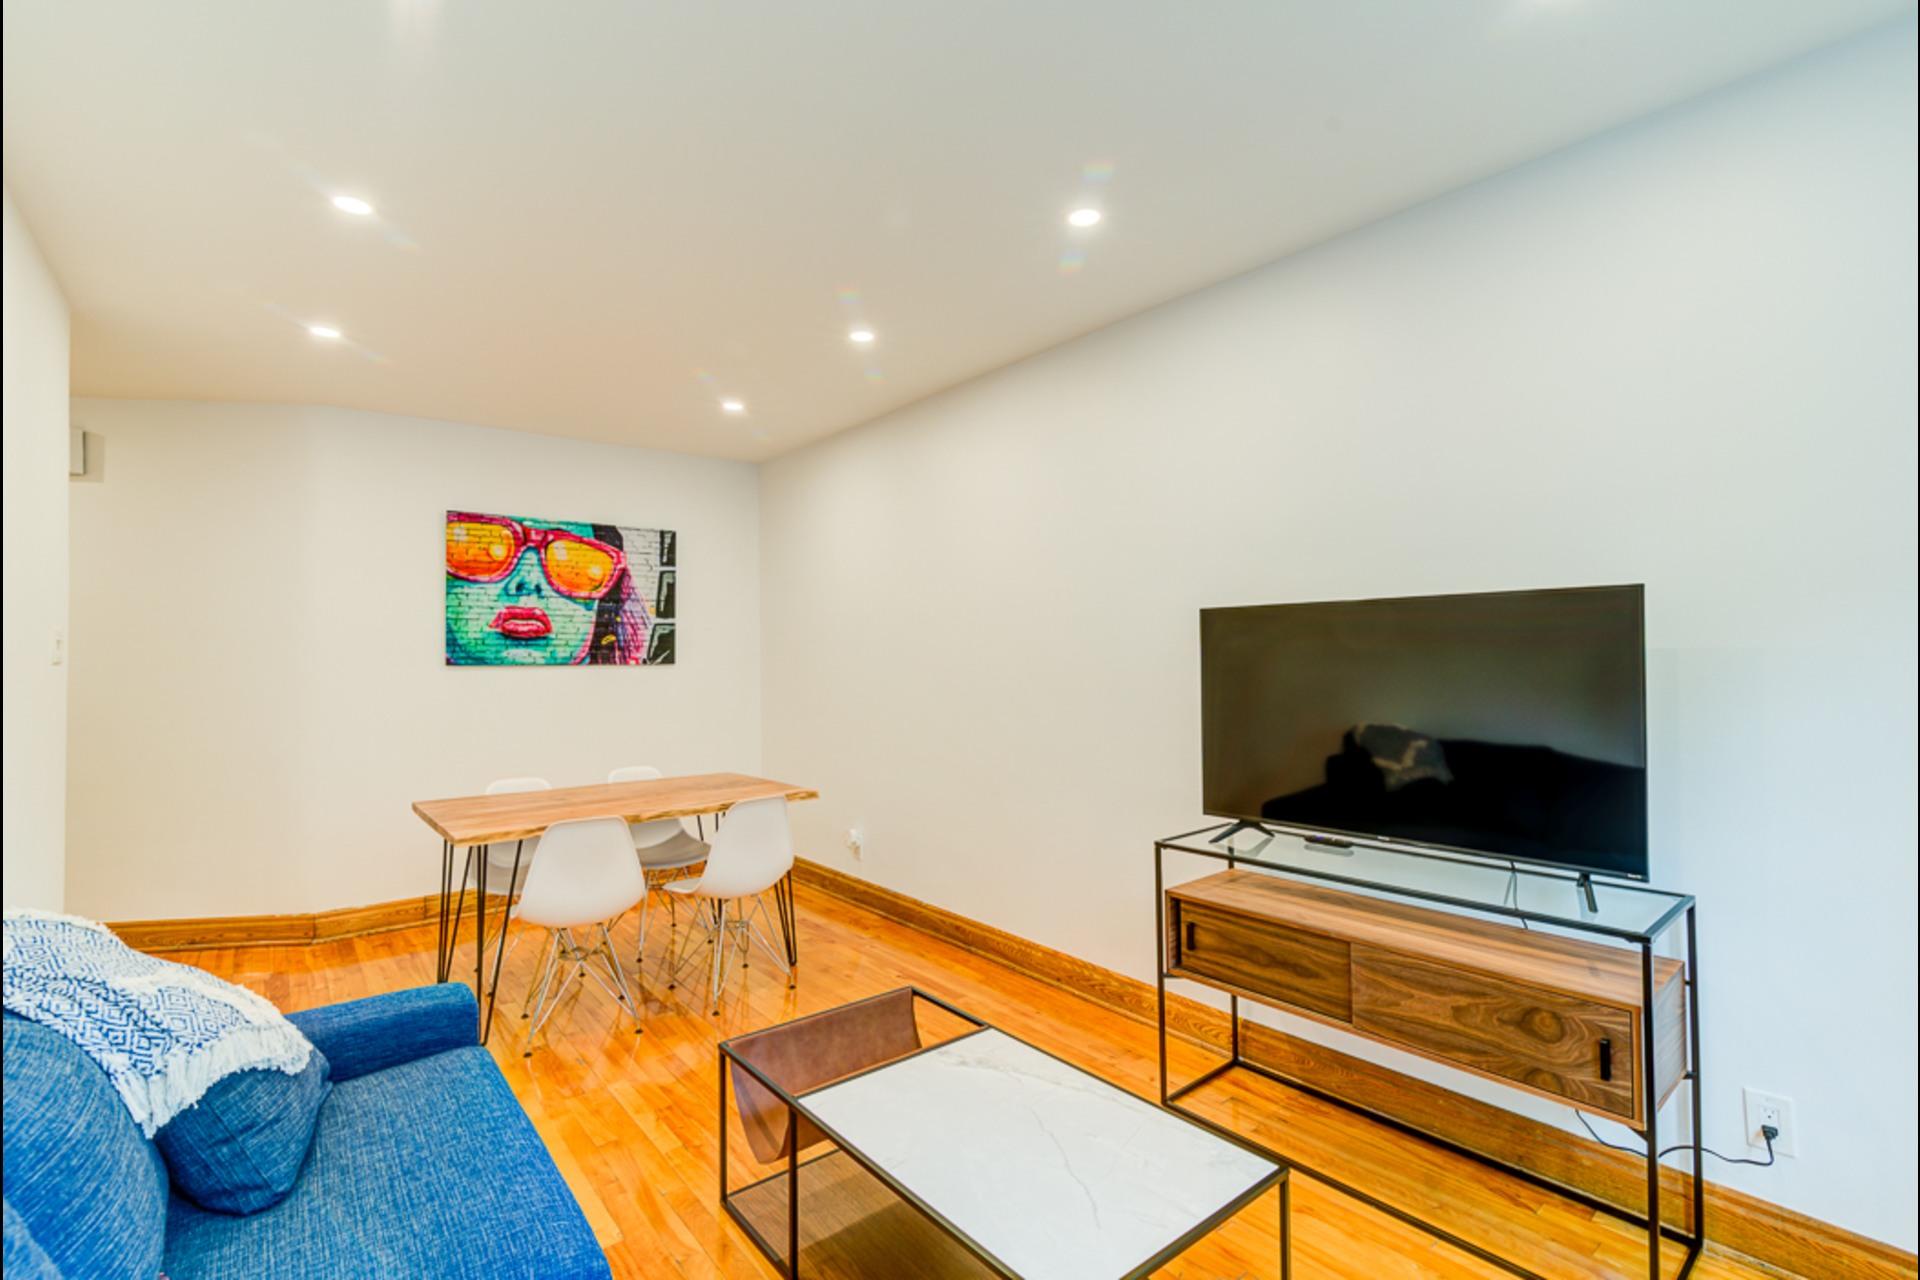 image 9 - House For rent Montréal